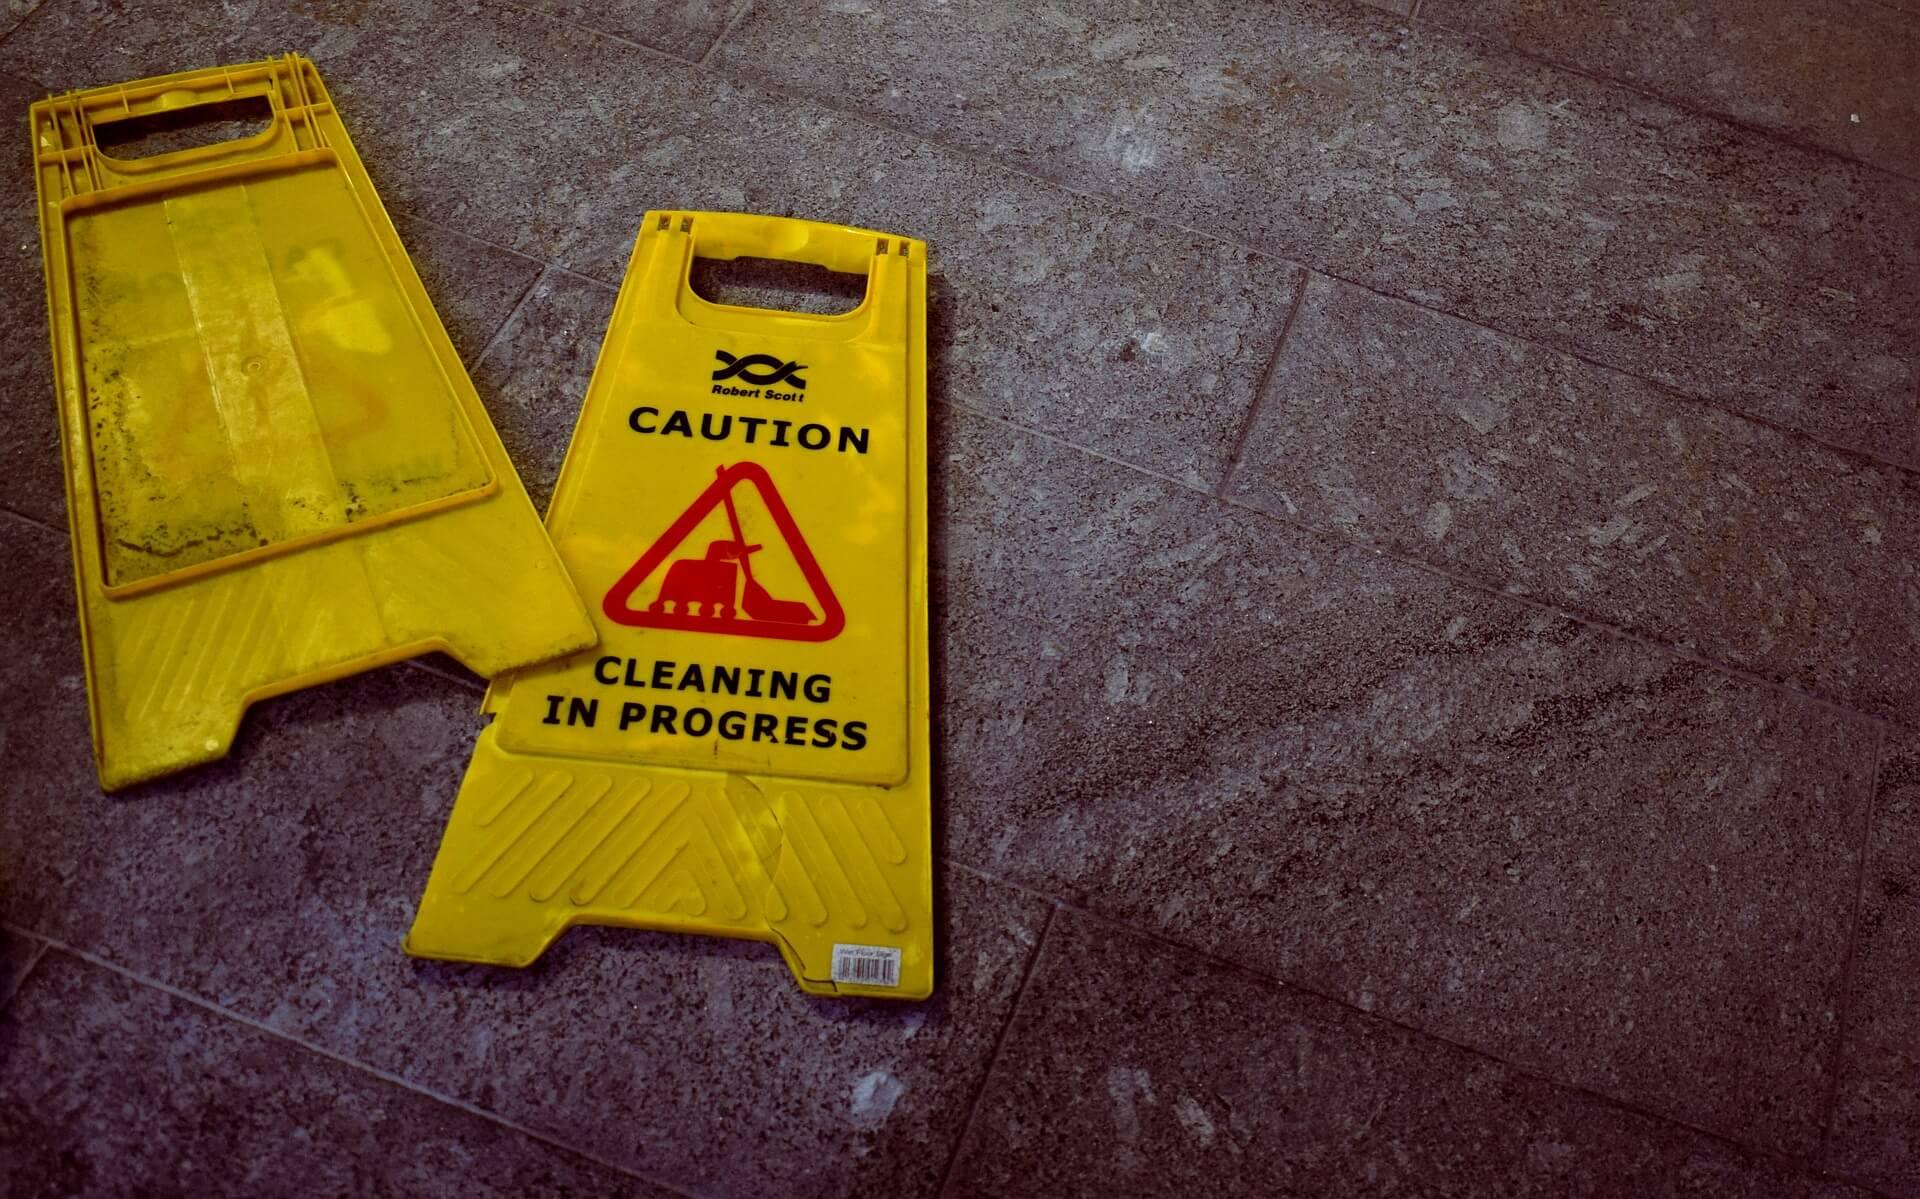 השוואת מחיר ביטוח תאונות אישיות: כל מה שחשוב לדעת